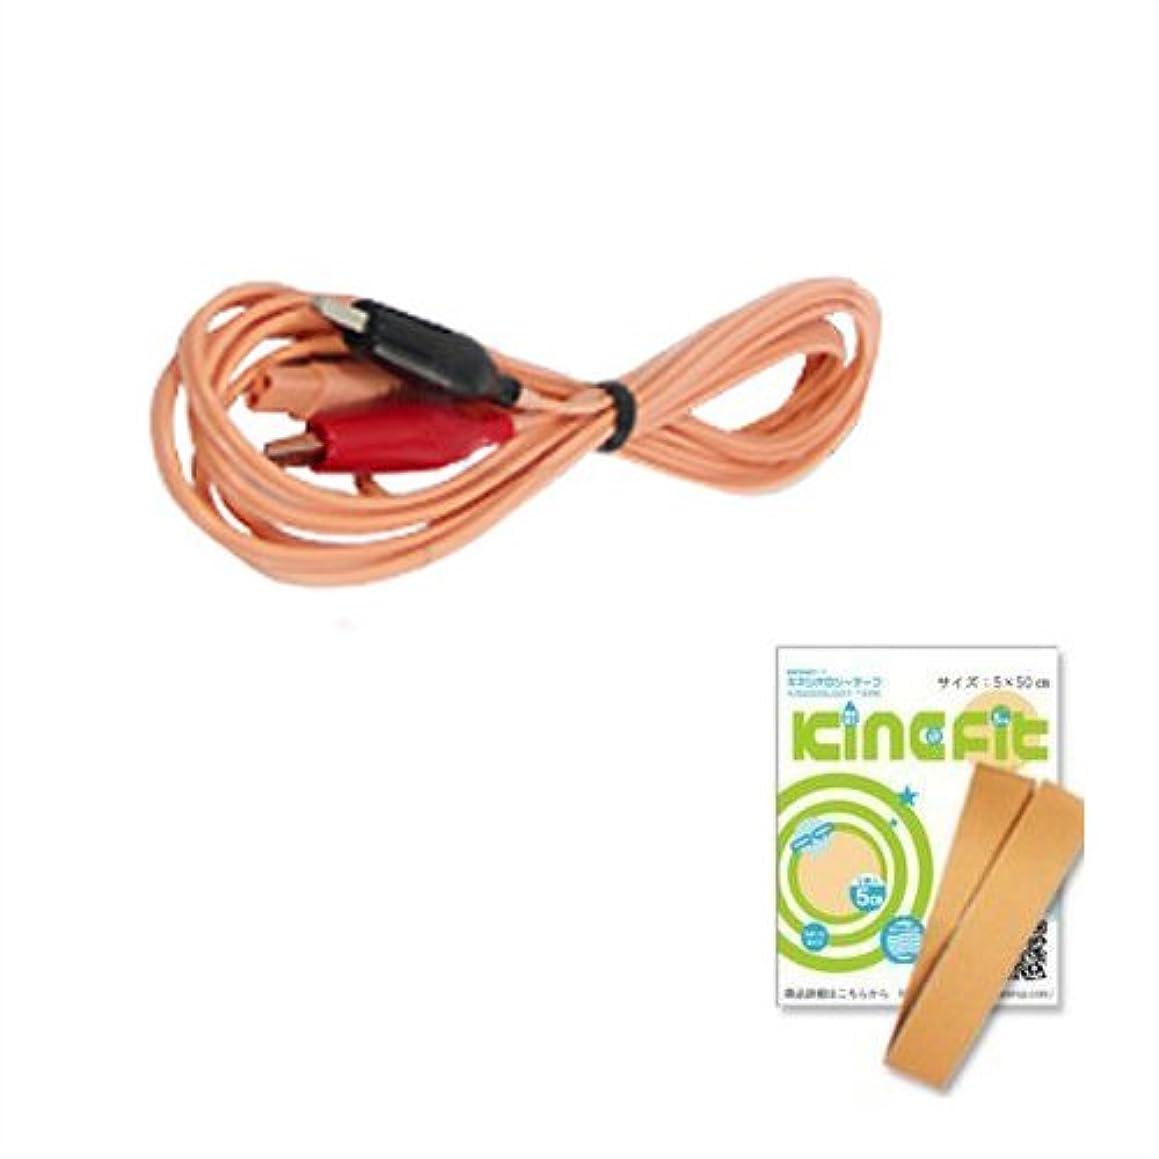 暗い調べるトンラスパーエース(Lasper-A) 新通電コード (オレンジ) 1本 KE-116E + キネフィットお試し用5cm×50cm付